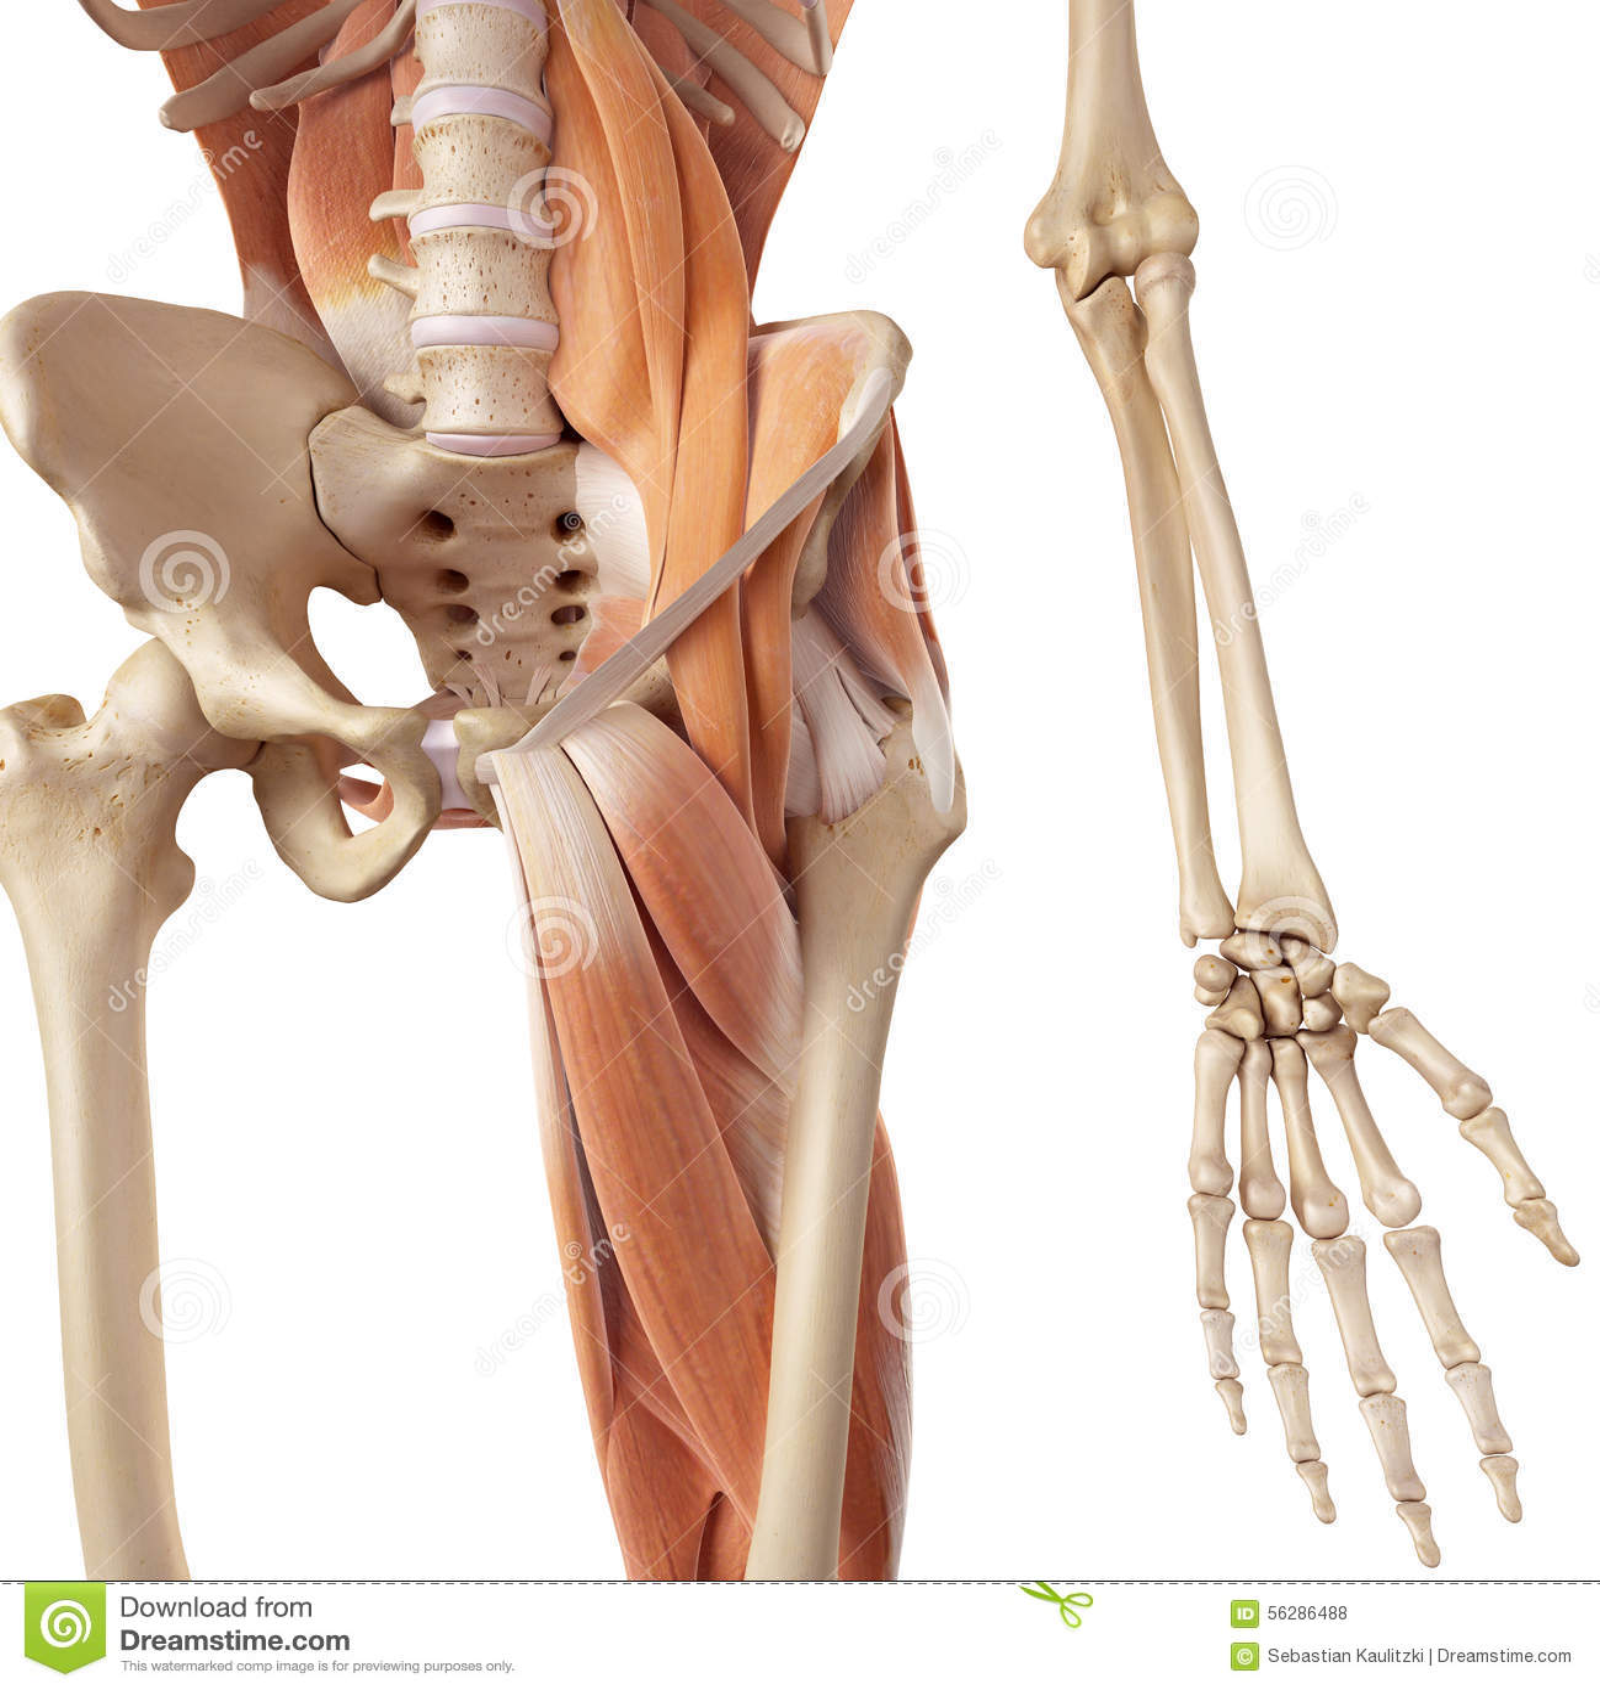 Muskeln des Beines stock abbildung. Illustration von bleistift ...